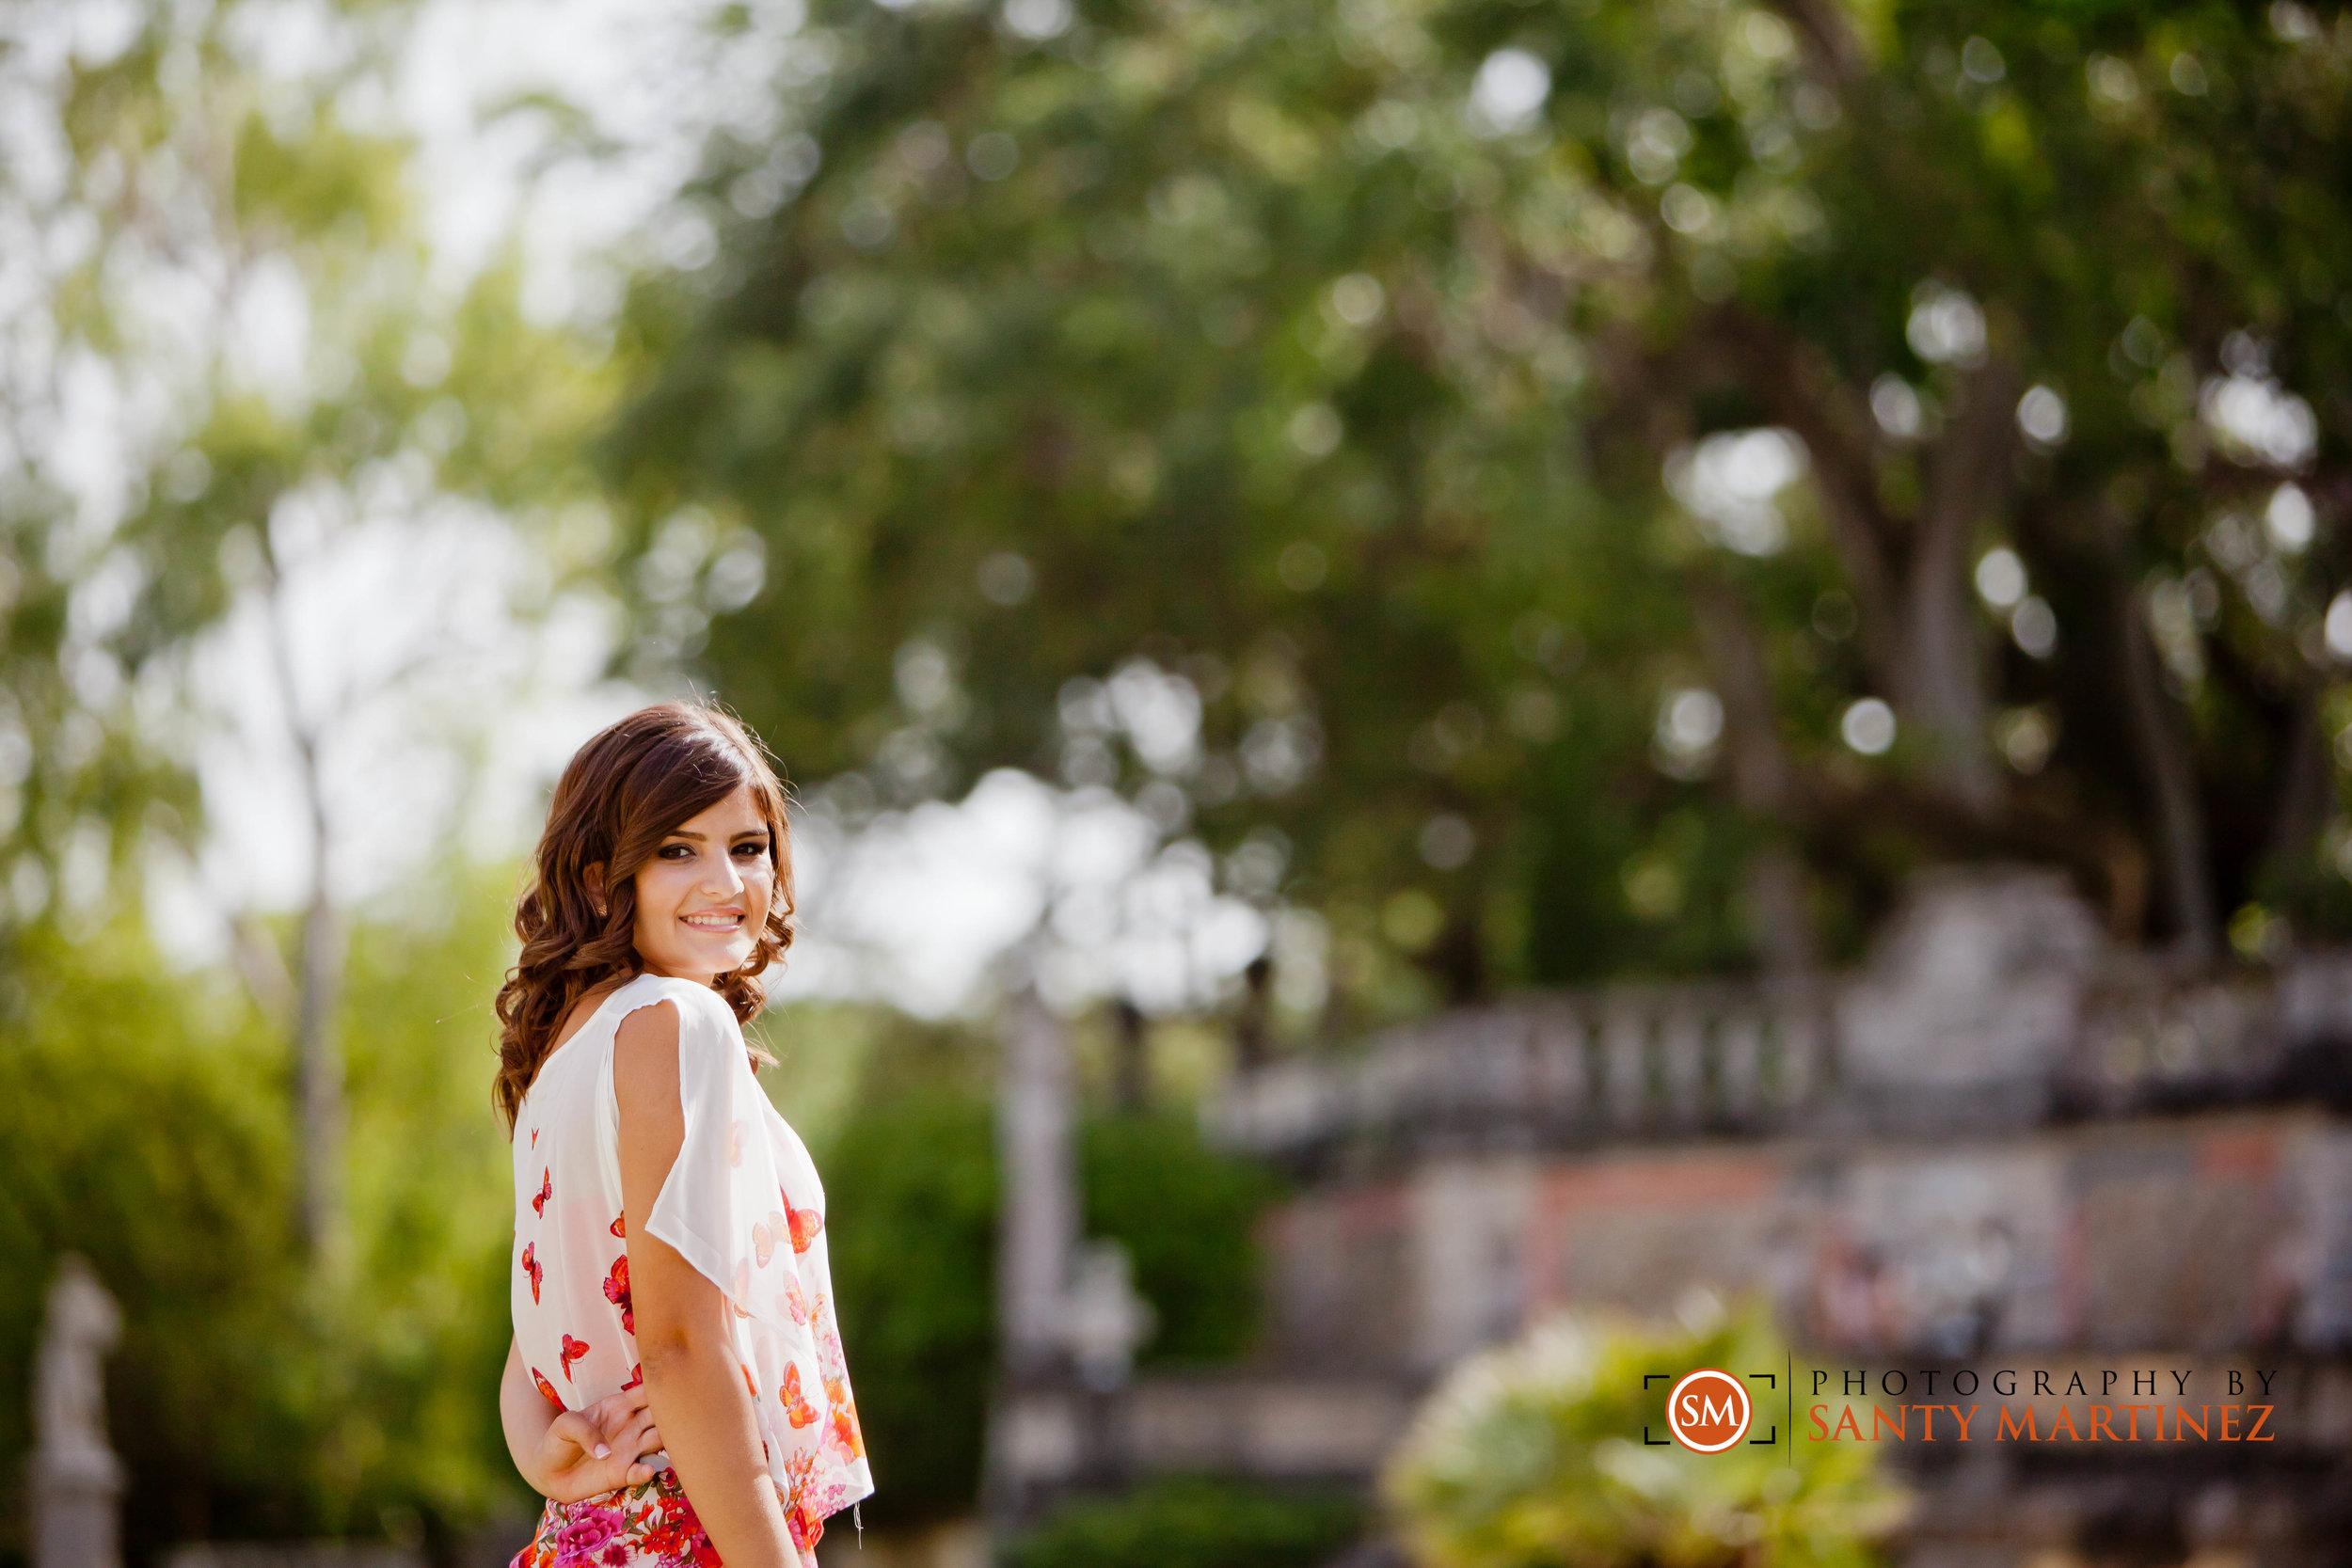 Miami Quinces Photographers - Santy Martinez -23.jpg